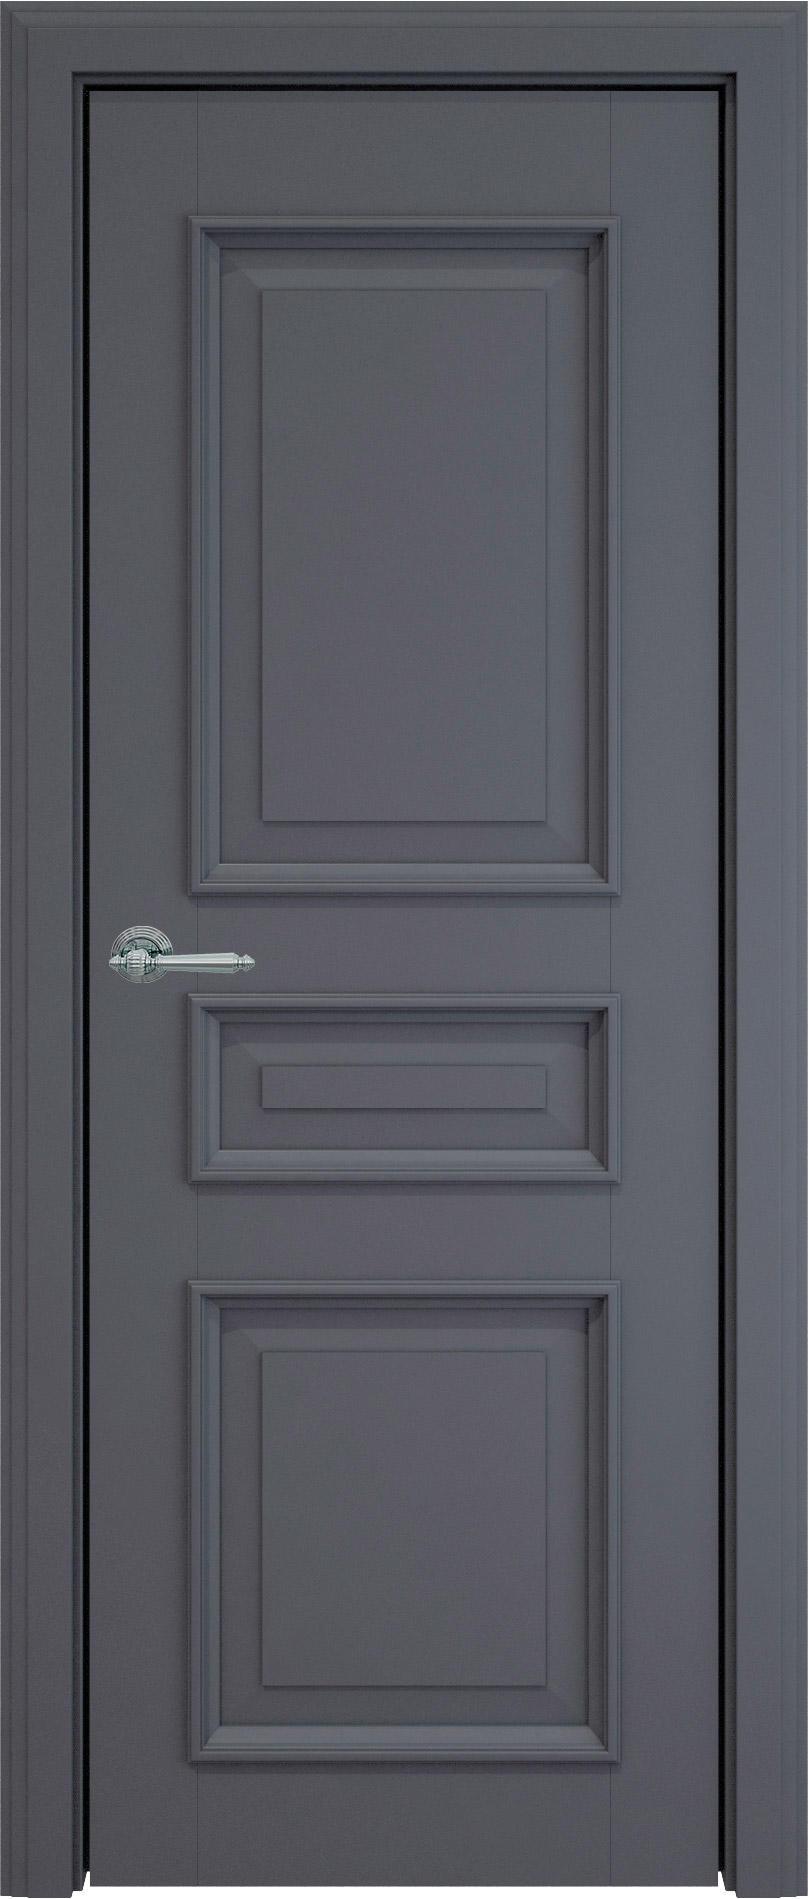 Imperia-R LUX цвет - Графитово-серая эмаль (RAL 7024) Без стекла (ДГ)